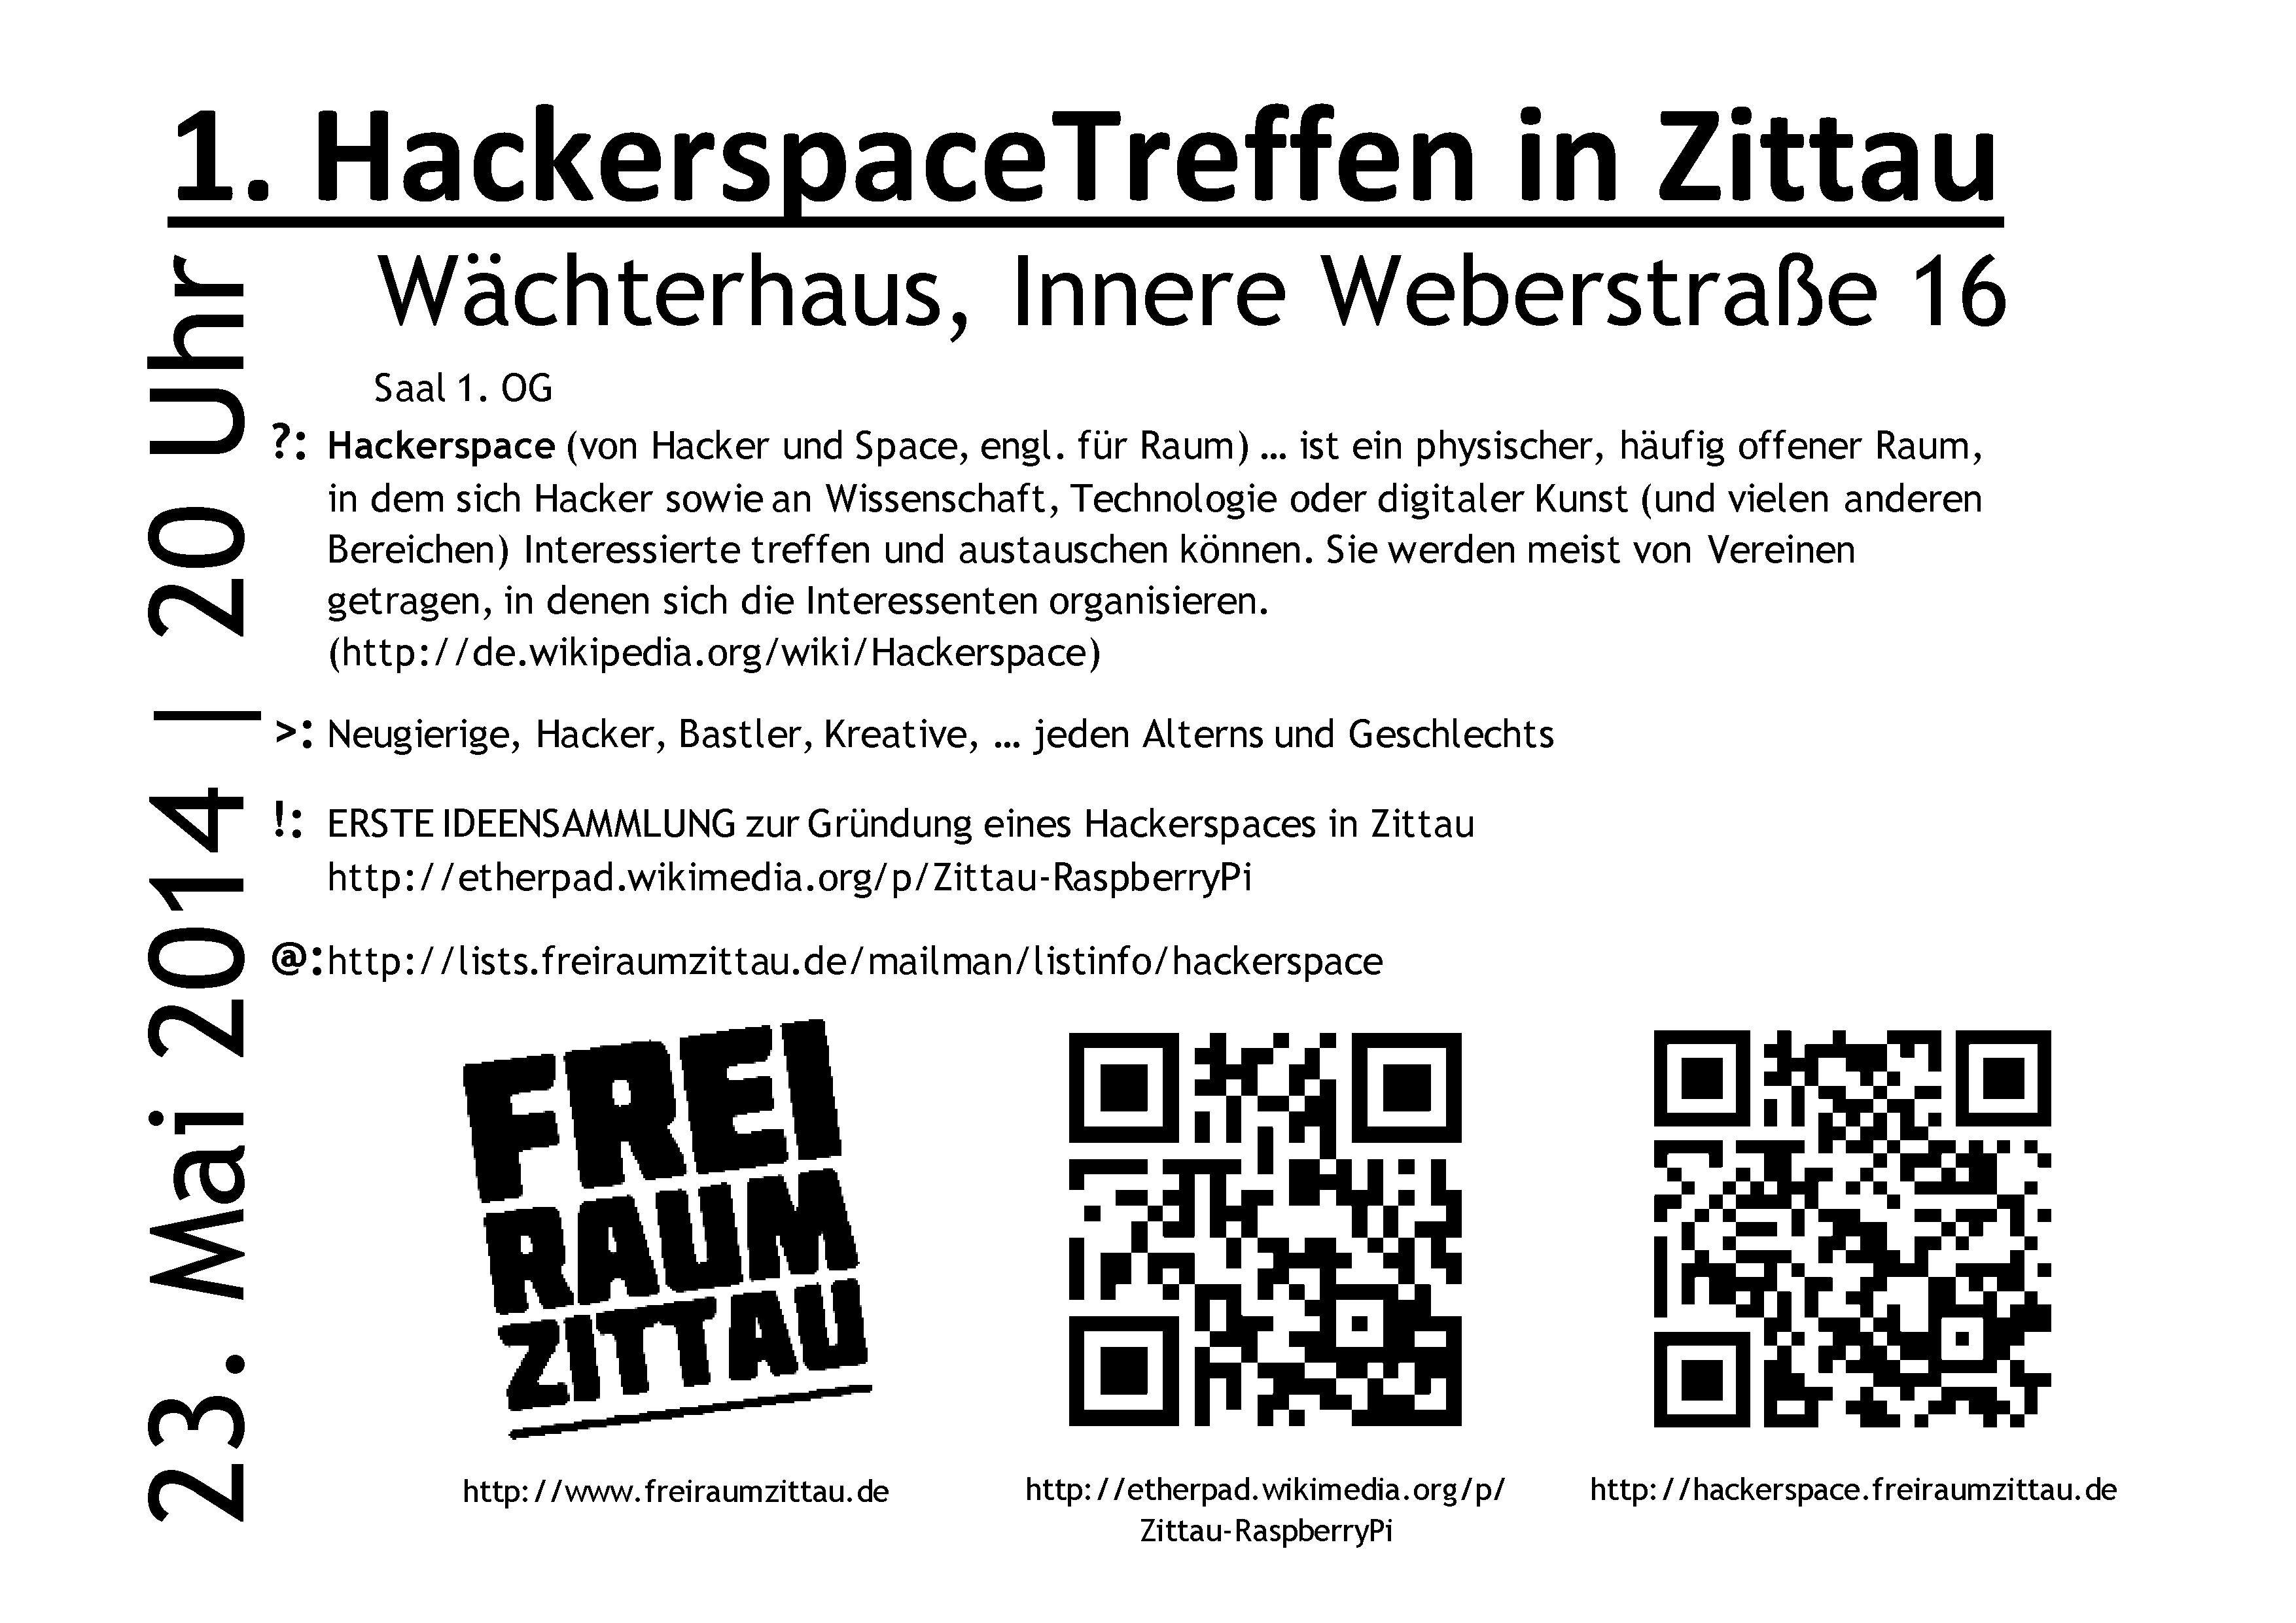 HackerspaceTreffen 1